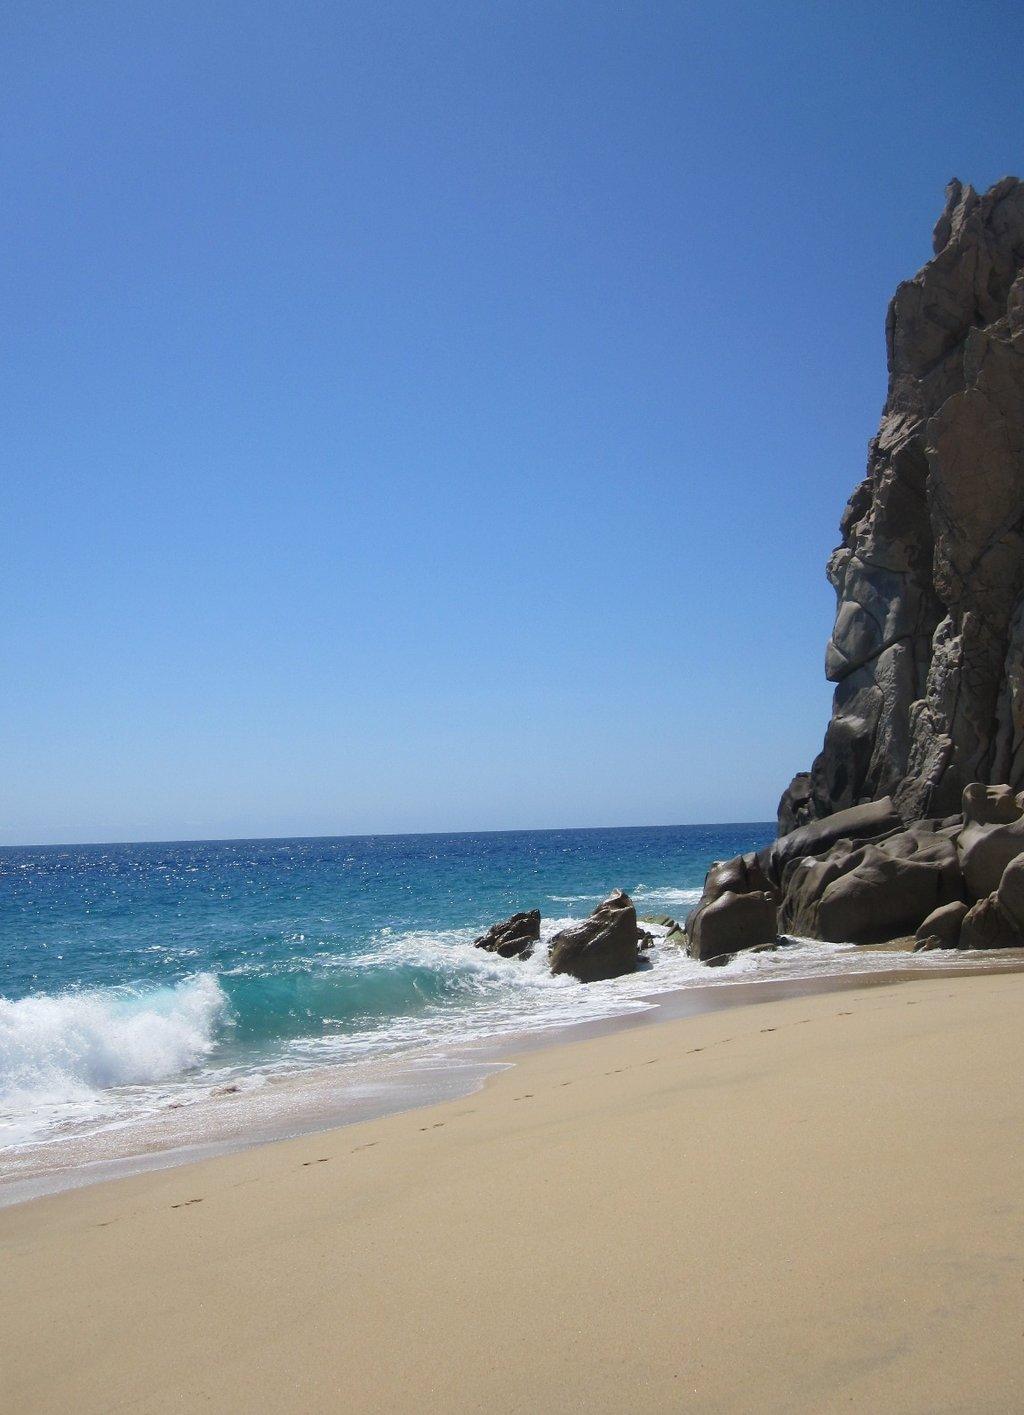 Beach-wedding-ideas-cabo-san-lucas-mexico-lovers-beach-ceremony.full